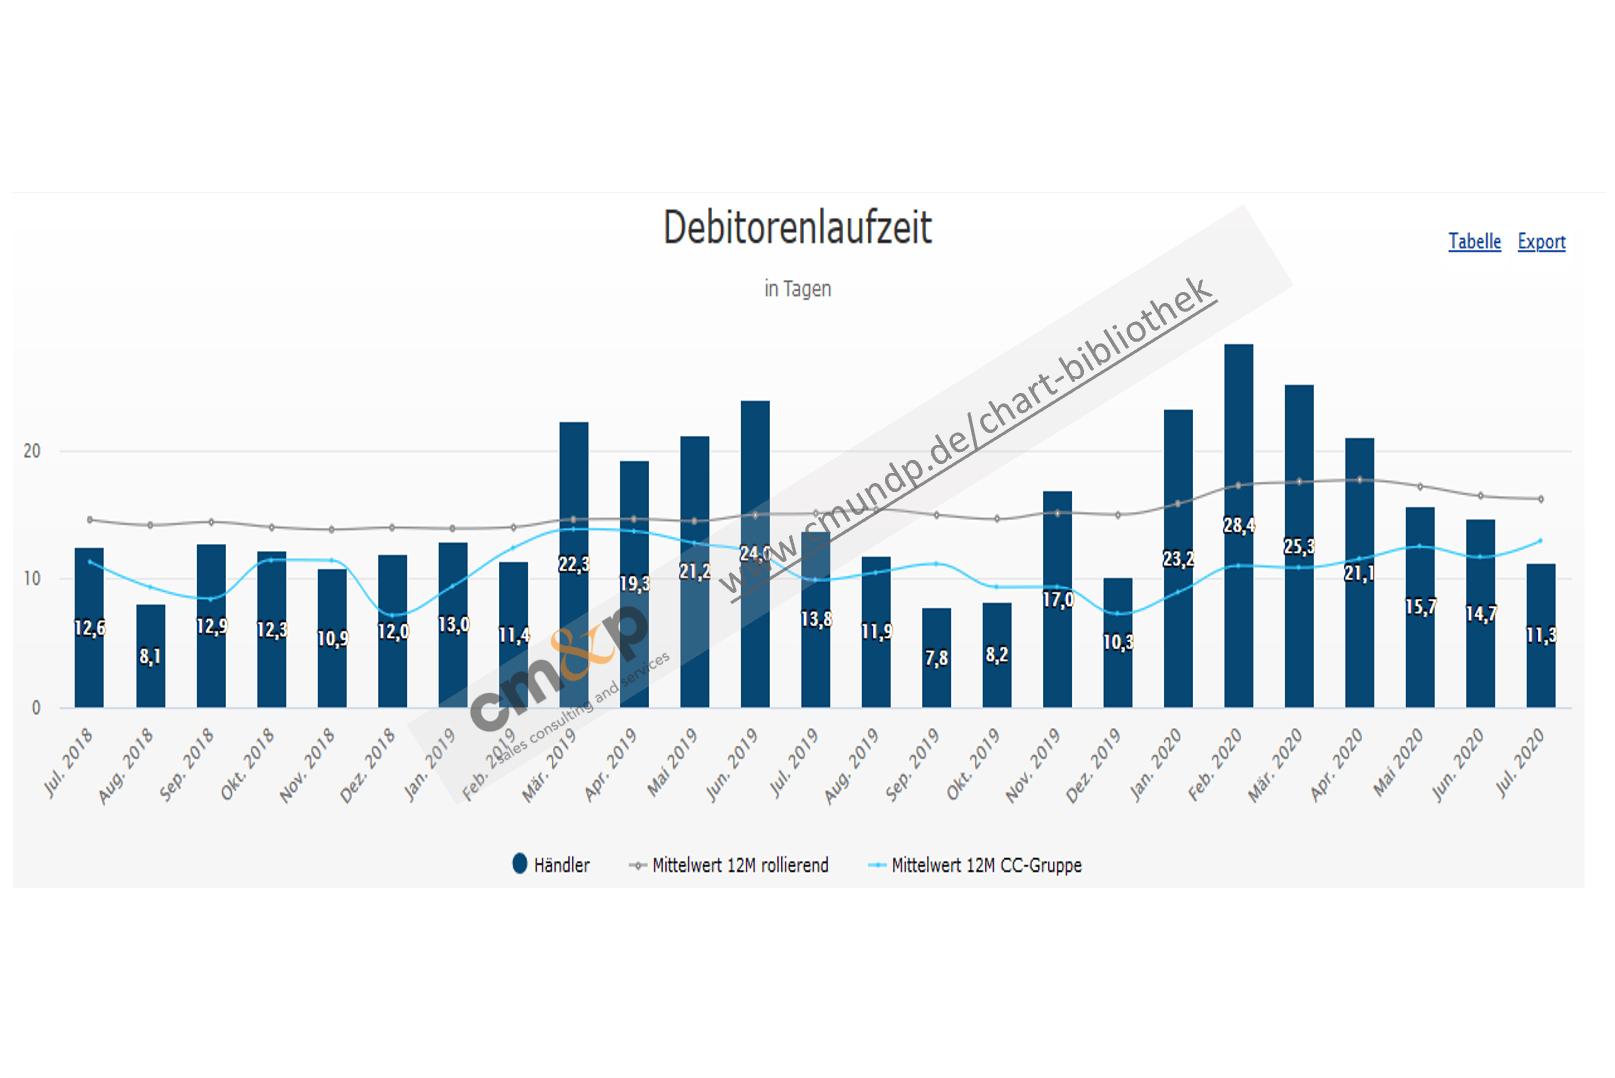 Darstellung der Debitorenlaufzeit als Säulen im Monatsvergleich mit Wertangabe Abbildung der Ø-Debitorenlaufzeit als Linie Abbildung der Ø-Debitorenlaufzeit der Vergleichsgruppe als Linie